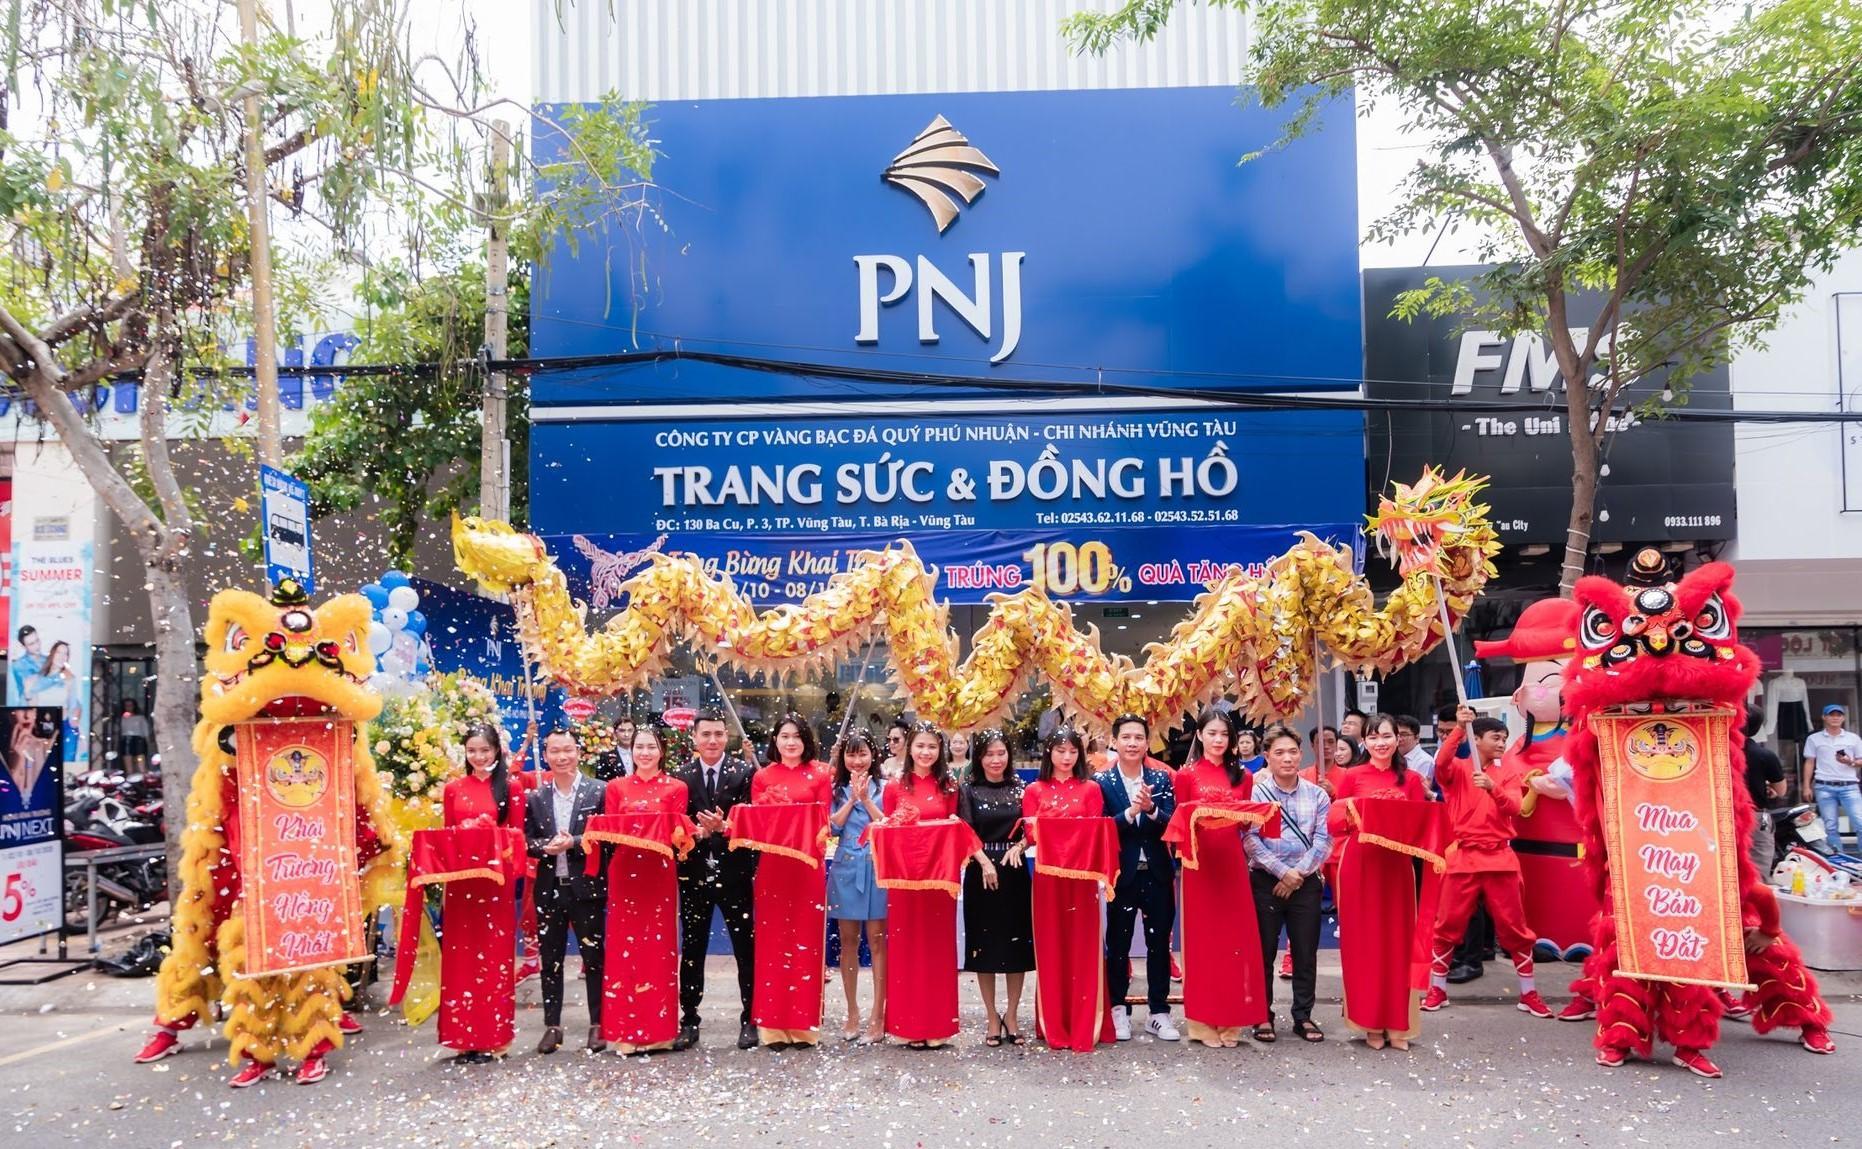 Ban giám đốc PNJ cùng đại diện cơ quan chính quyền địa phương cắt băng khánh thành khai trương PNJ Center BaCu